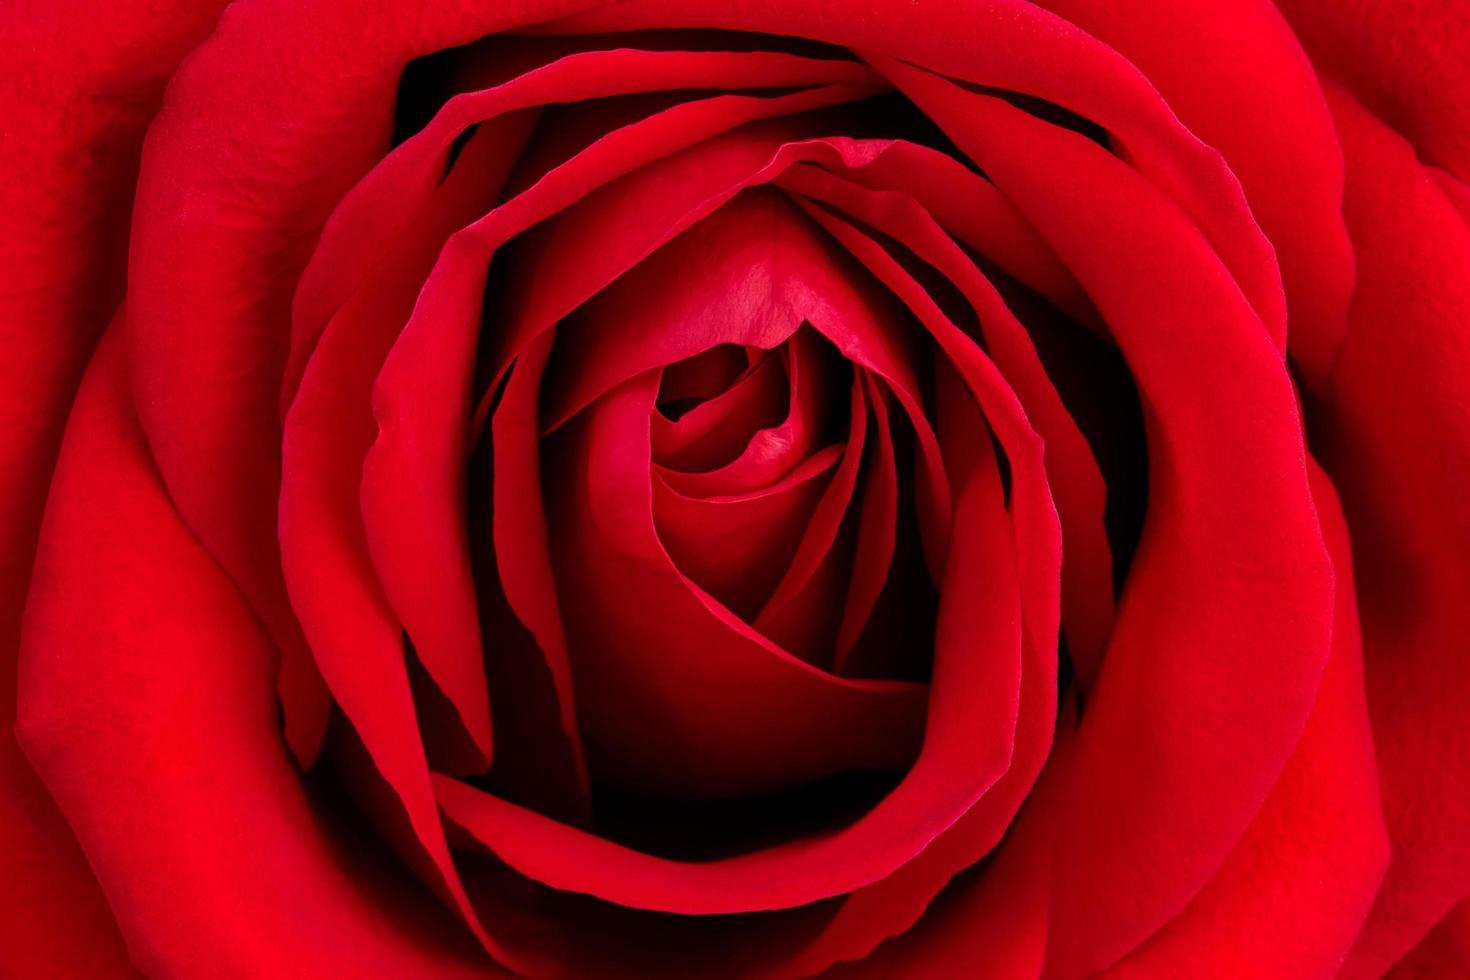 fond de rose rouge fraîche photo